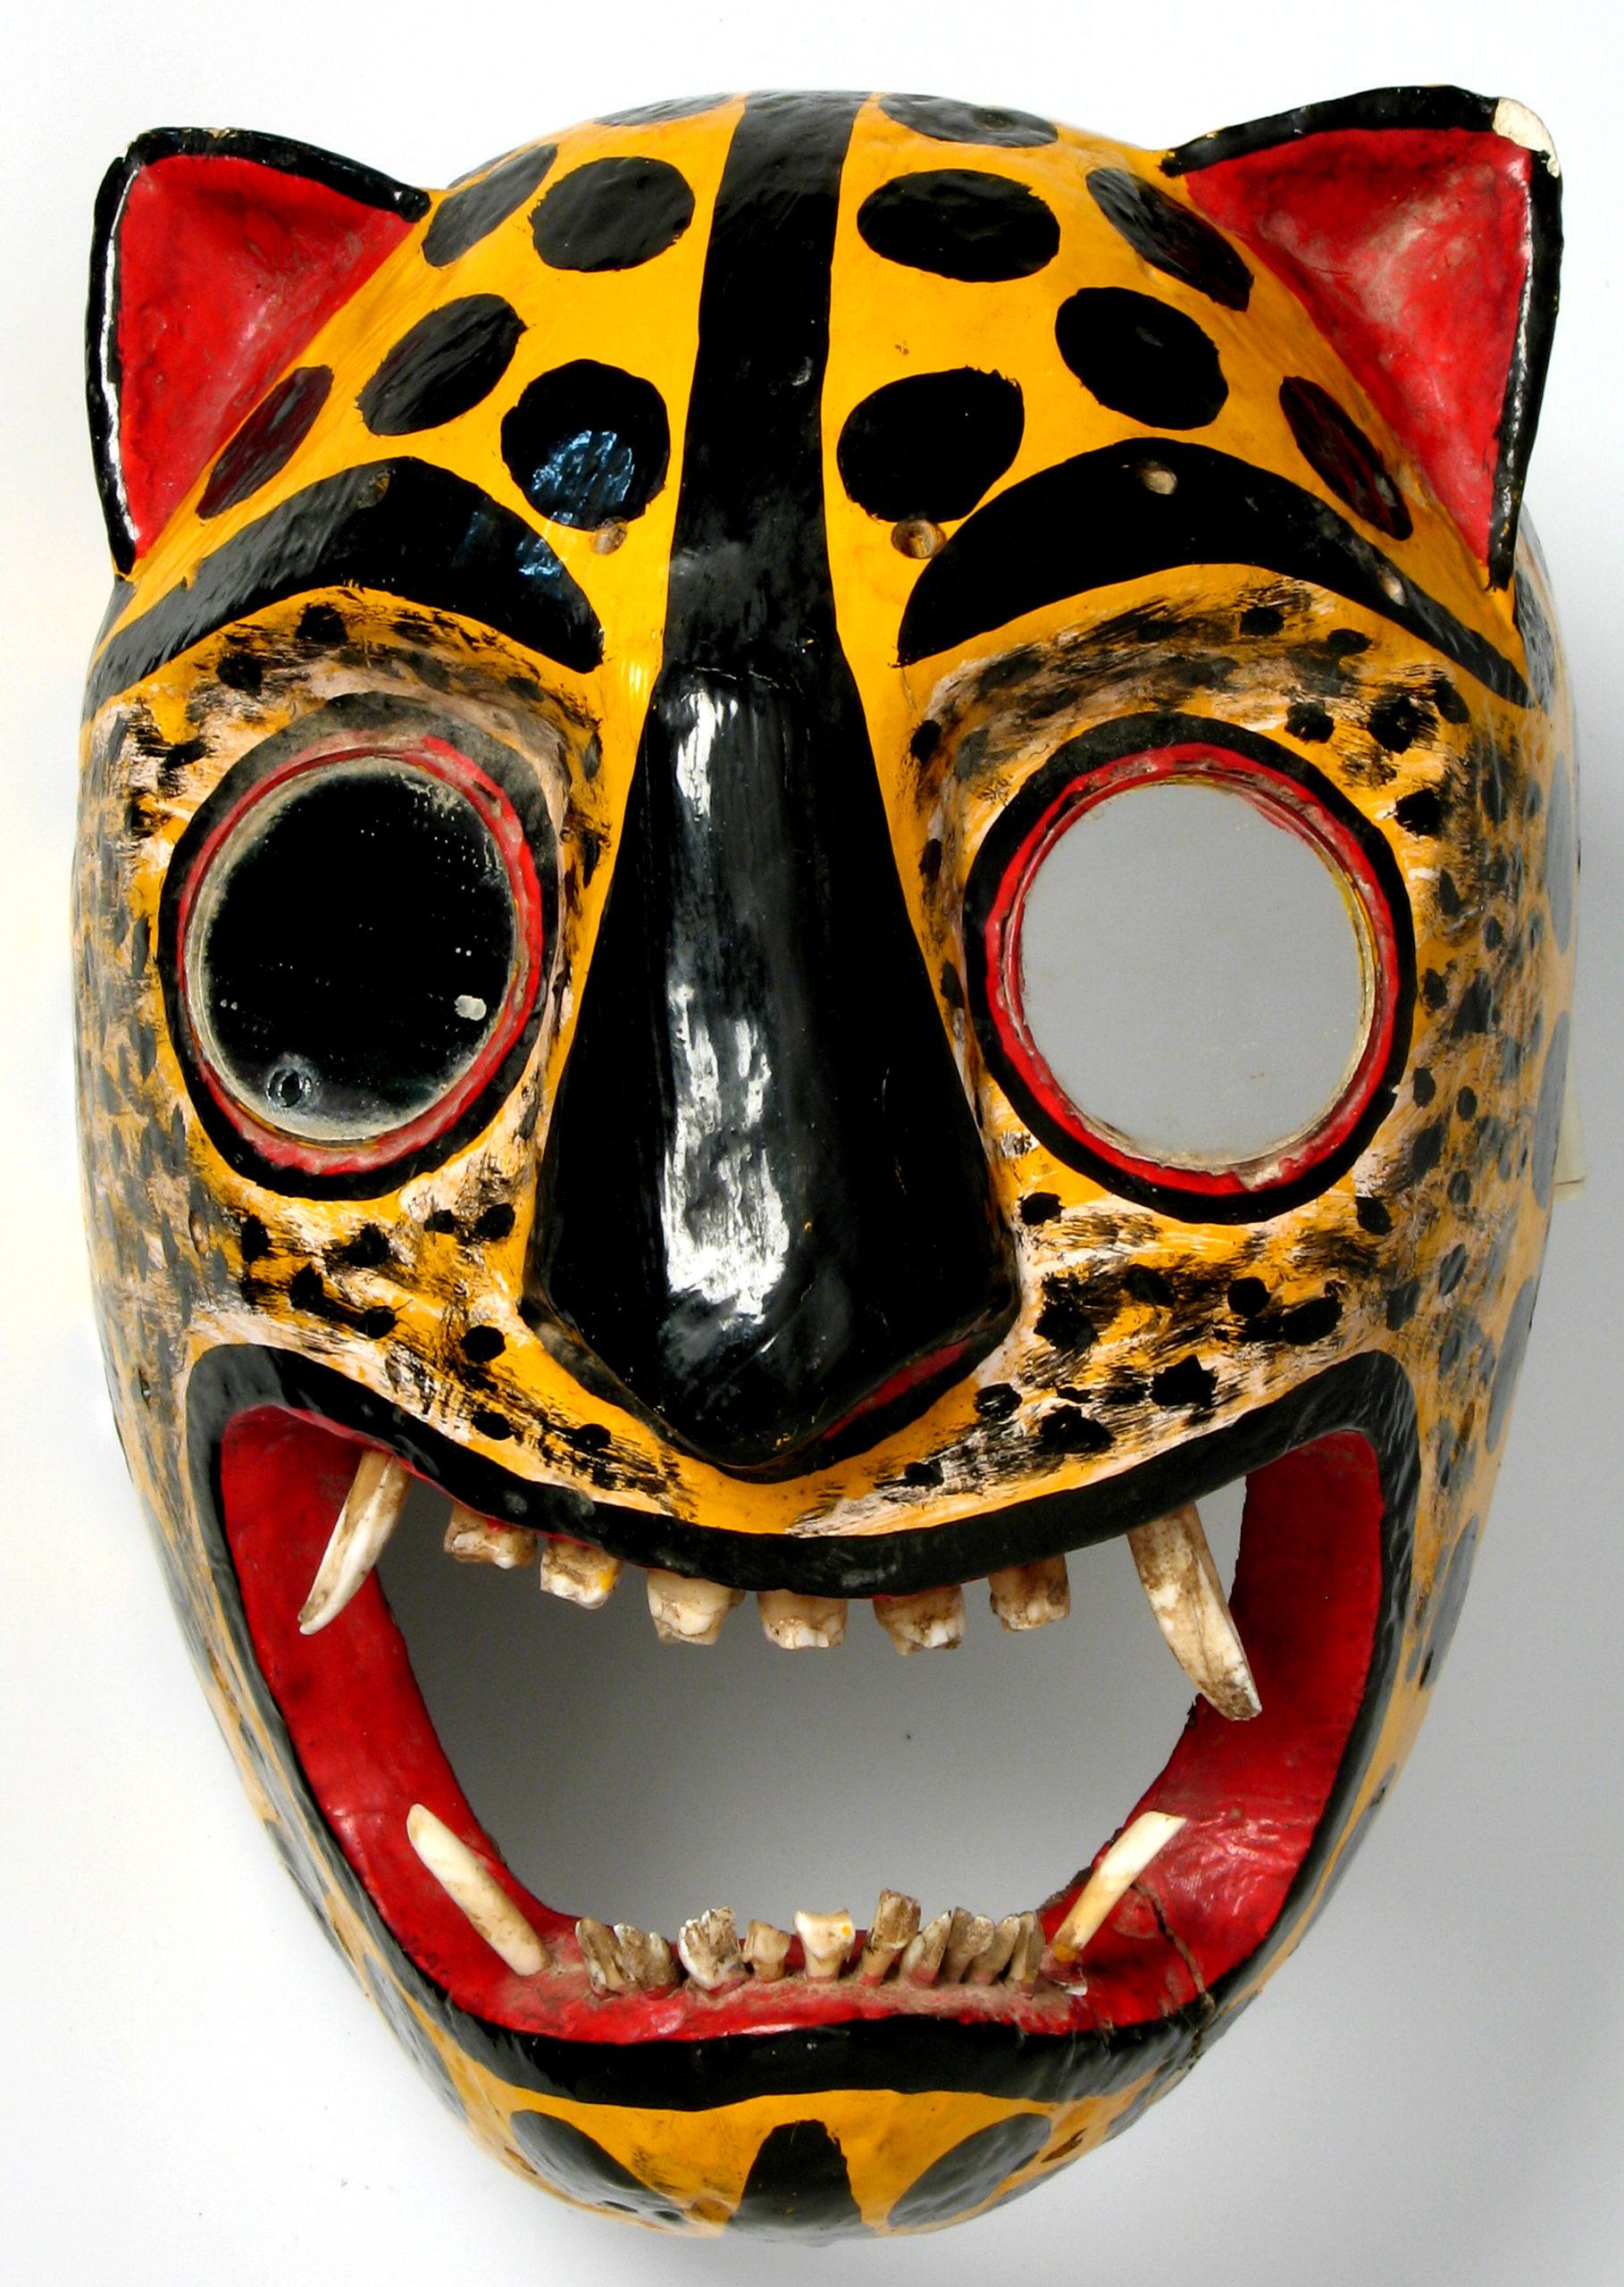 Kolorowa, drewniana maska jaguara z szeroko otwartą paszczą, naturalnymi w niej zębami i lusterkami zamiast oczu.